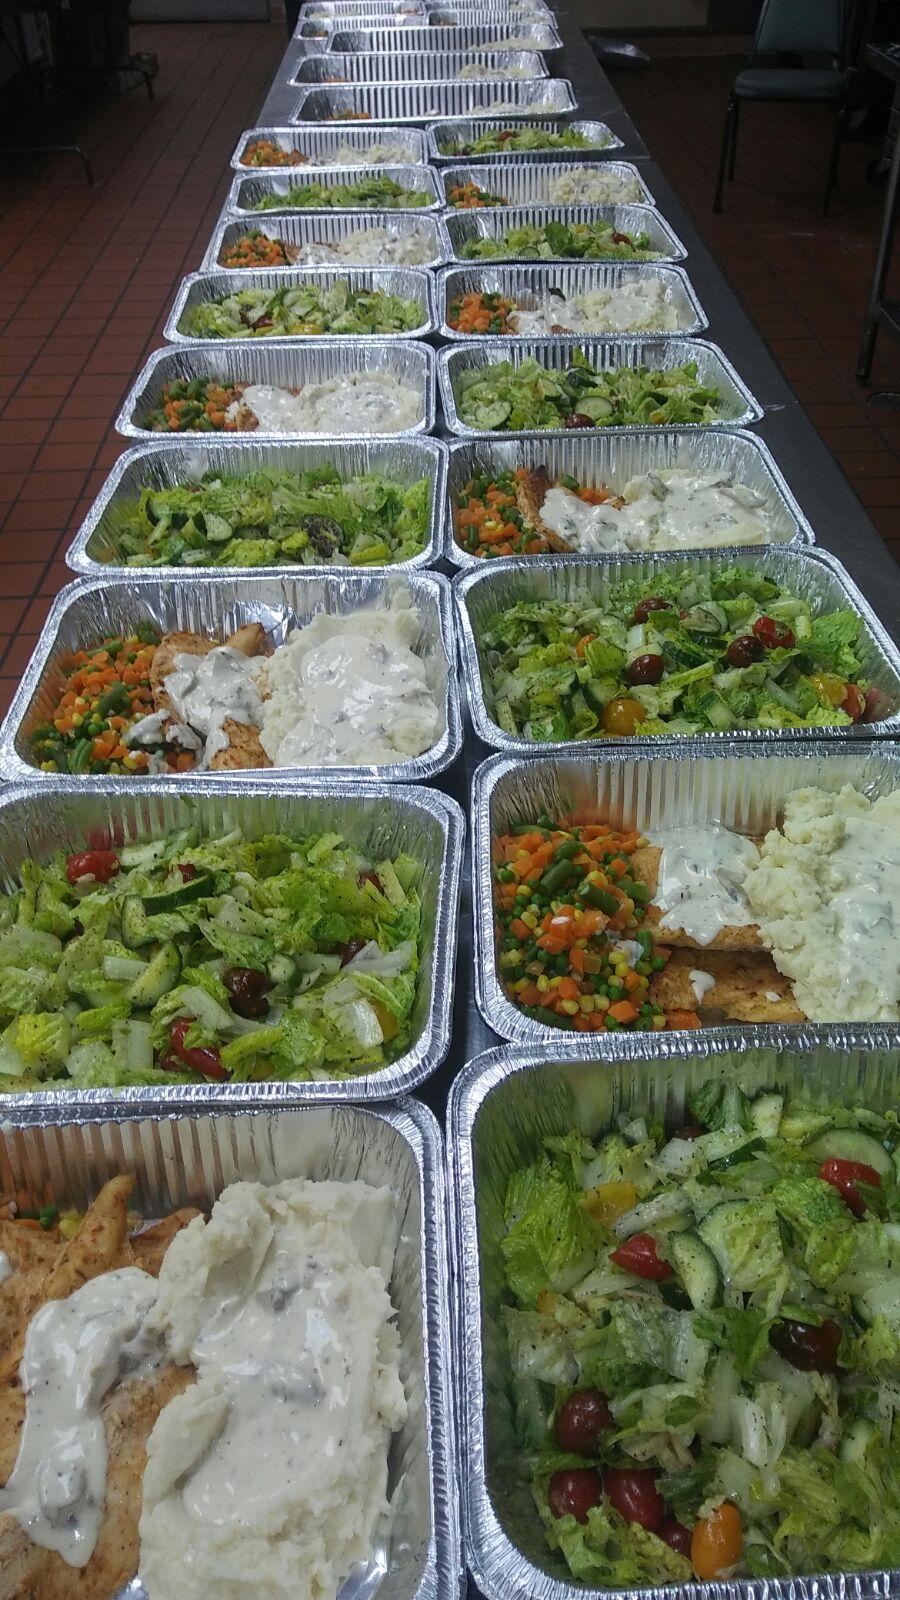 c-asist-refugees-meals-2